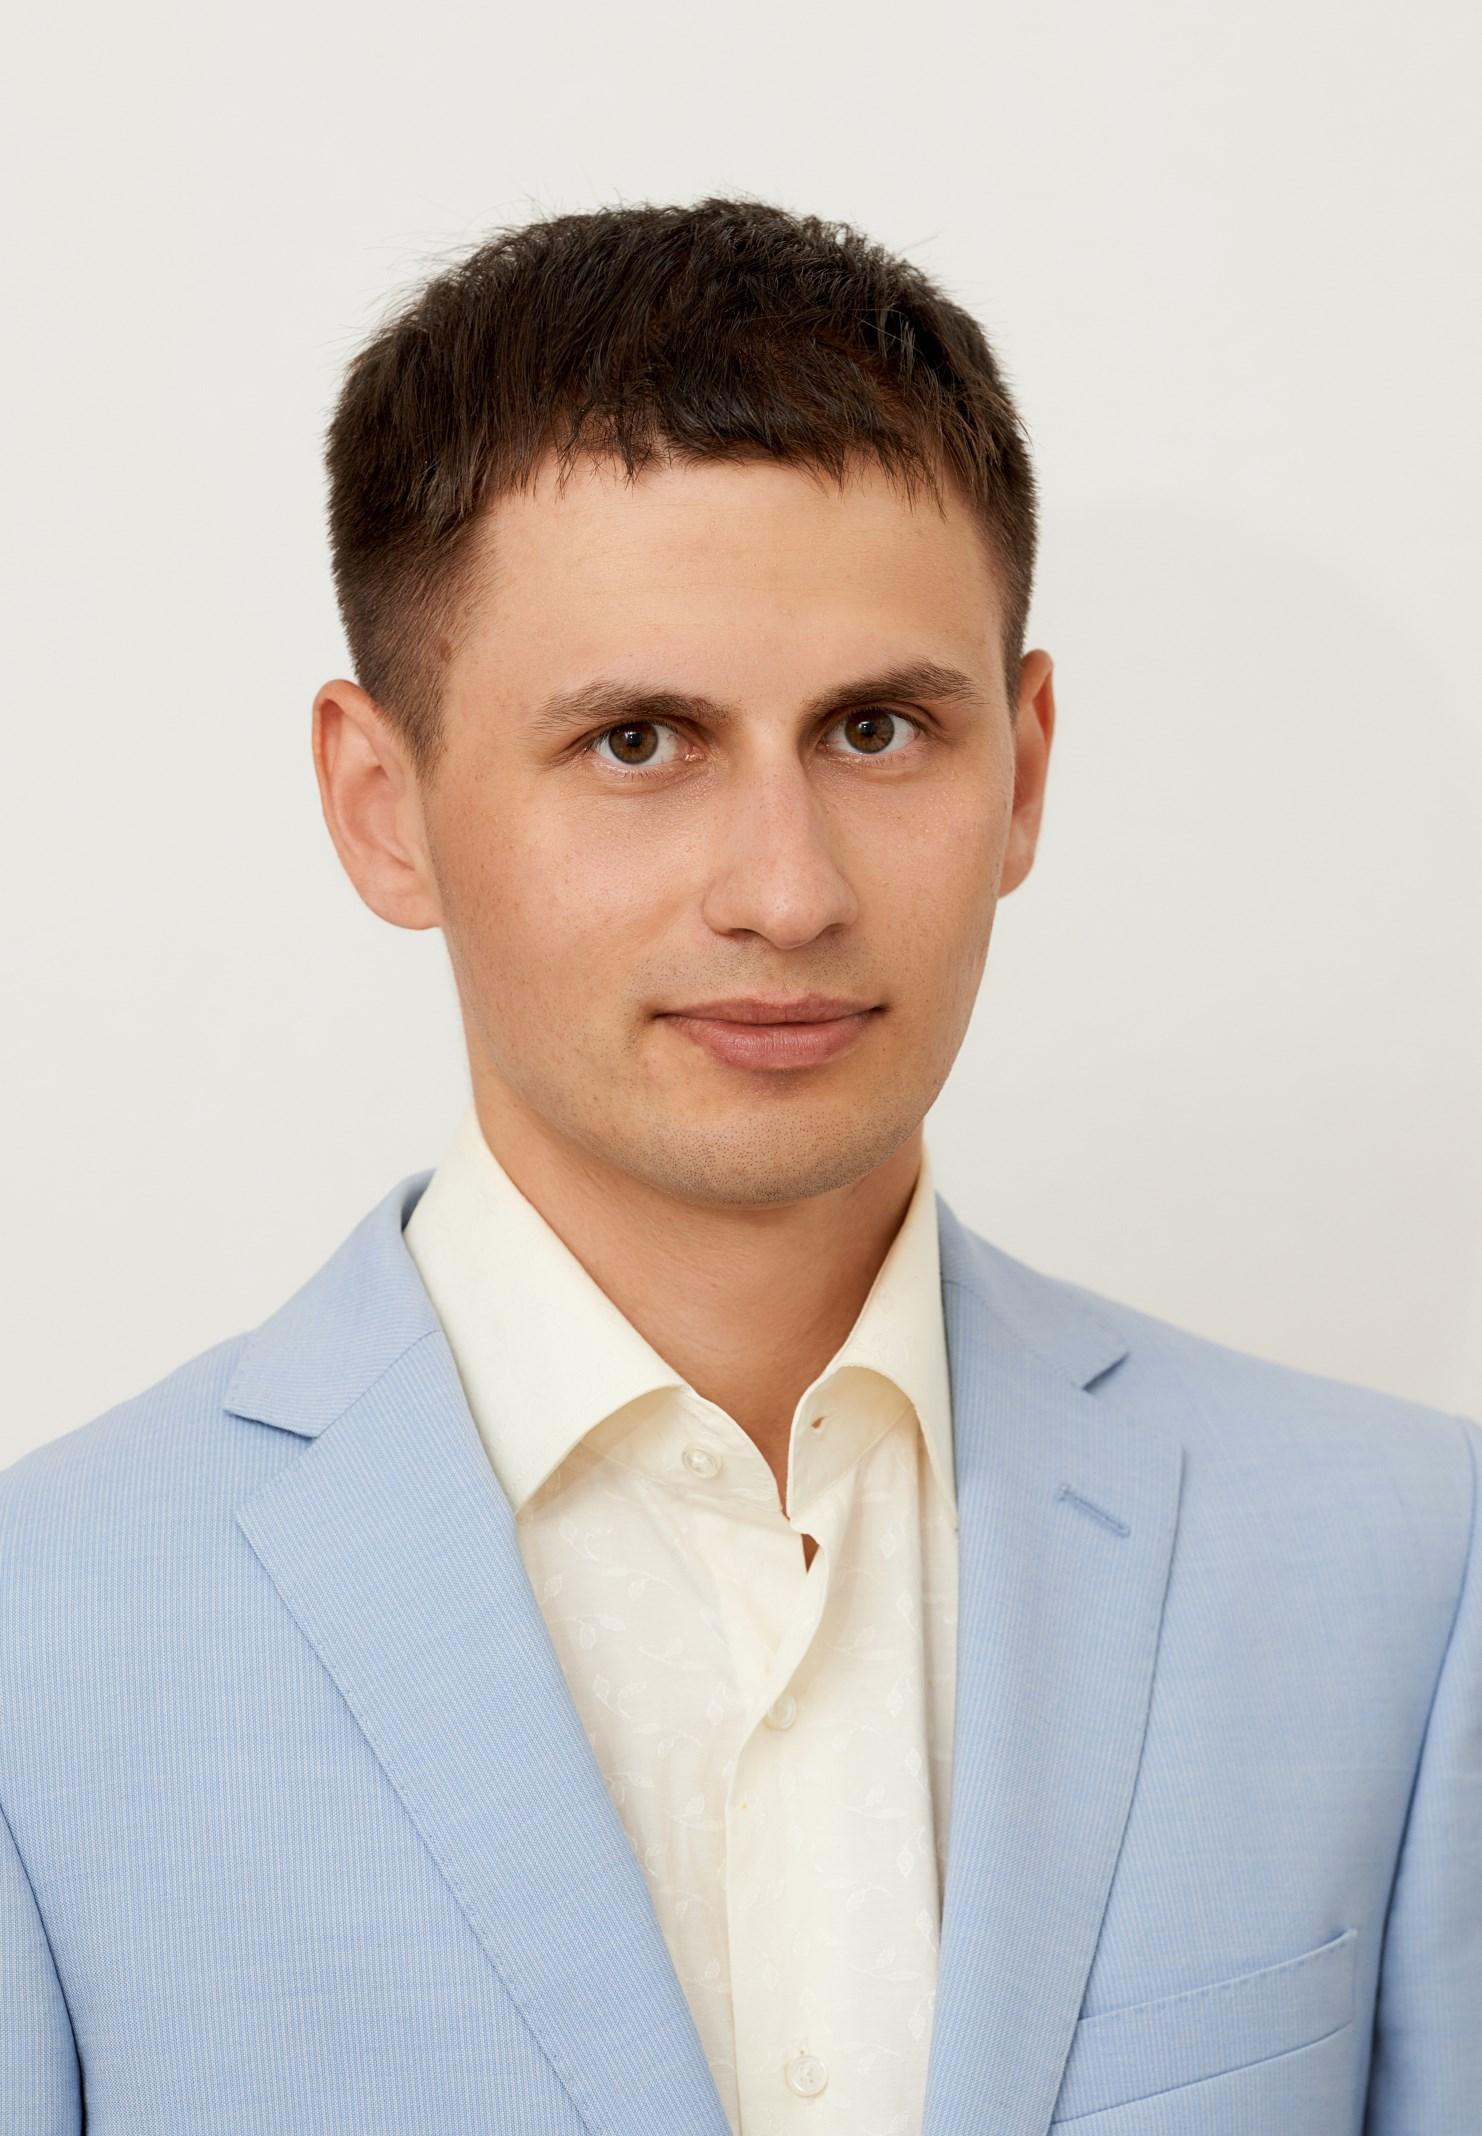 Гурин Иван Александрович